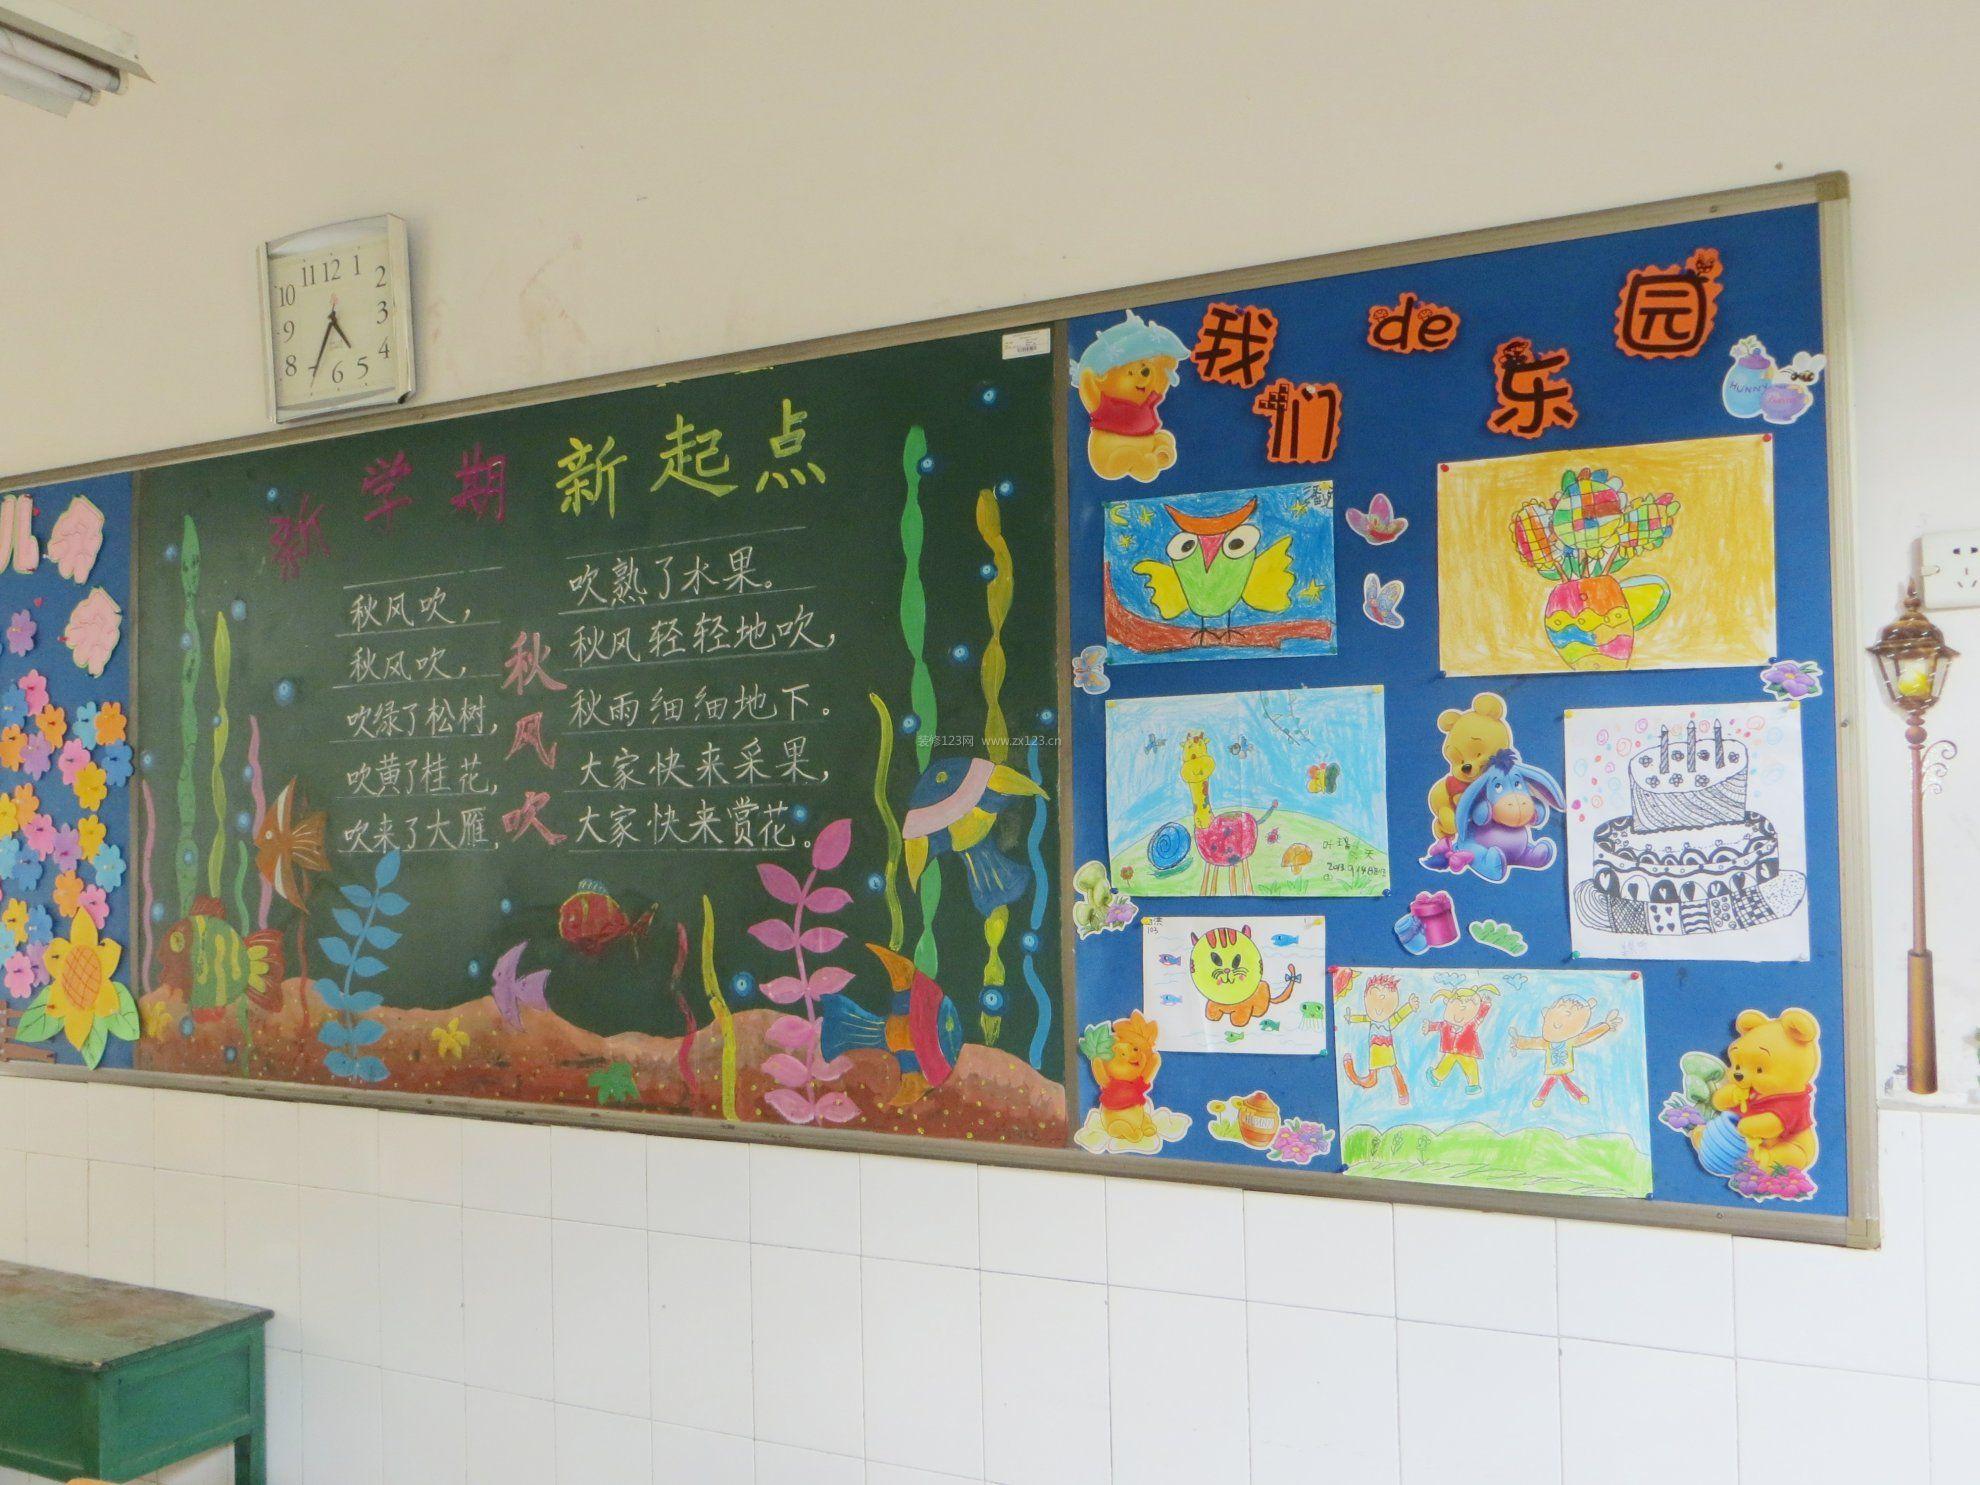 简约风格教室文化墙布置图片_装修123效果图